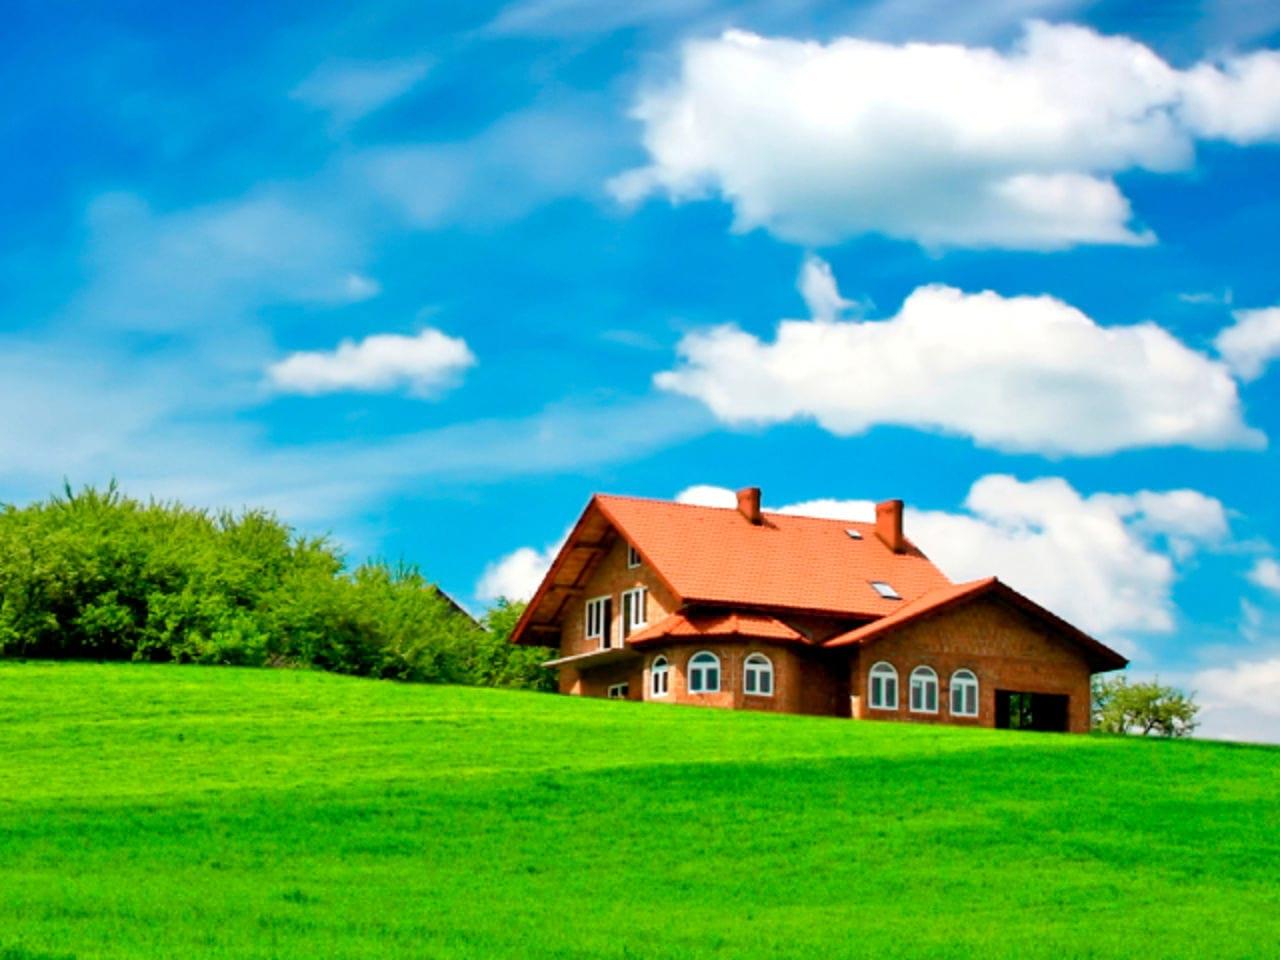 Изображение - Ипотека на земельный участок – услови и требования, порядок получения wsi-imageoptim-ui-5a2e62882558e8.00656855